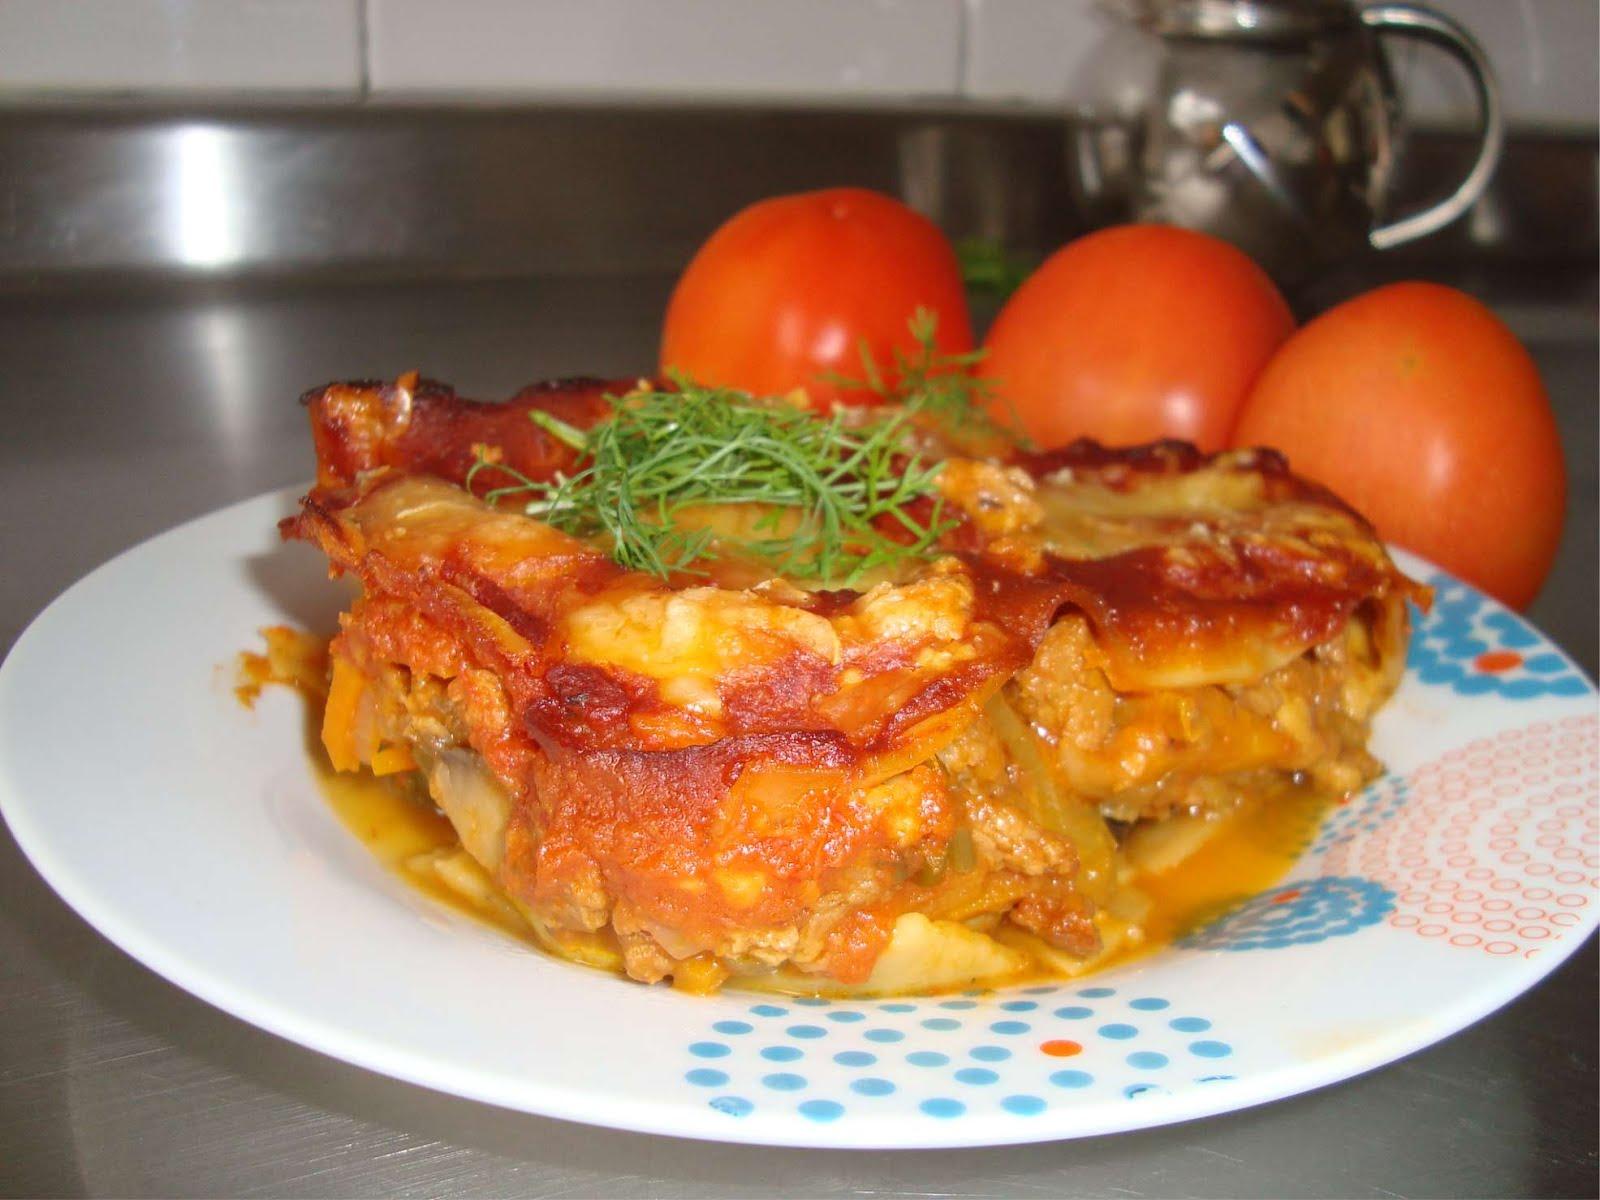 Deliciosa Lasagna Vegetariana